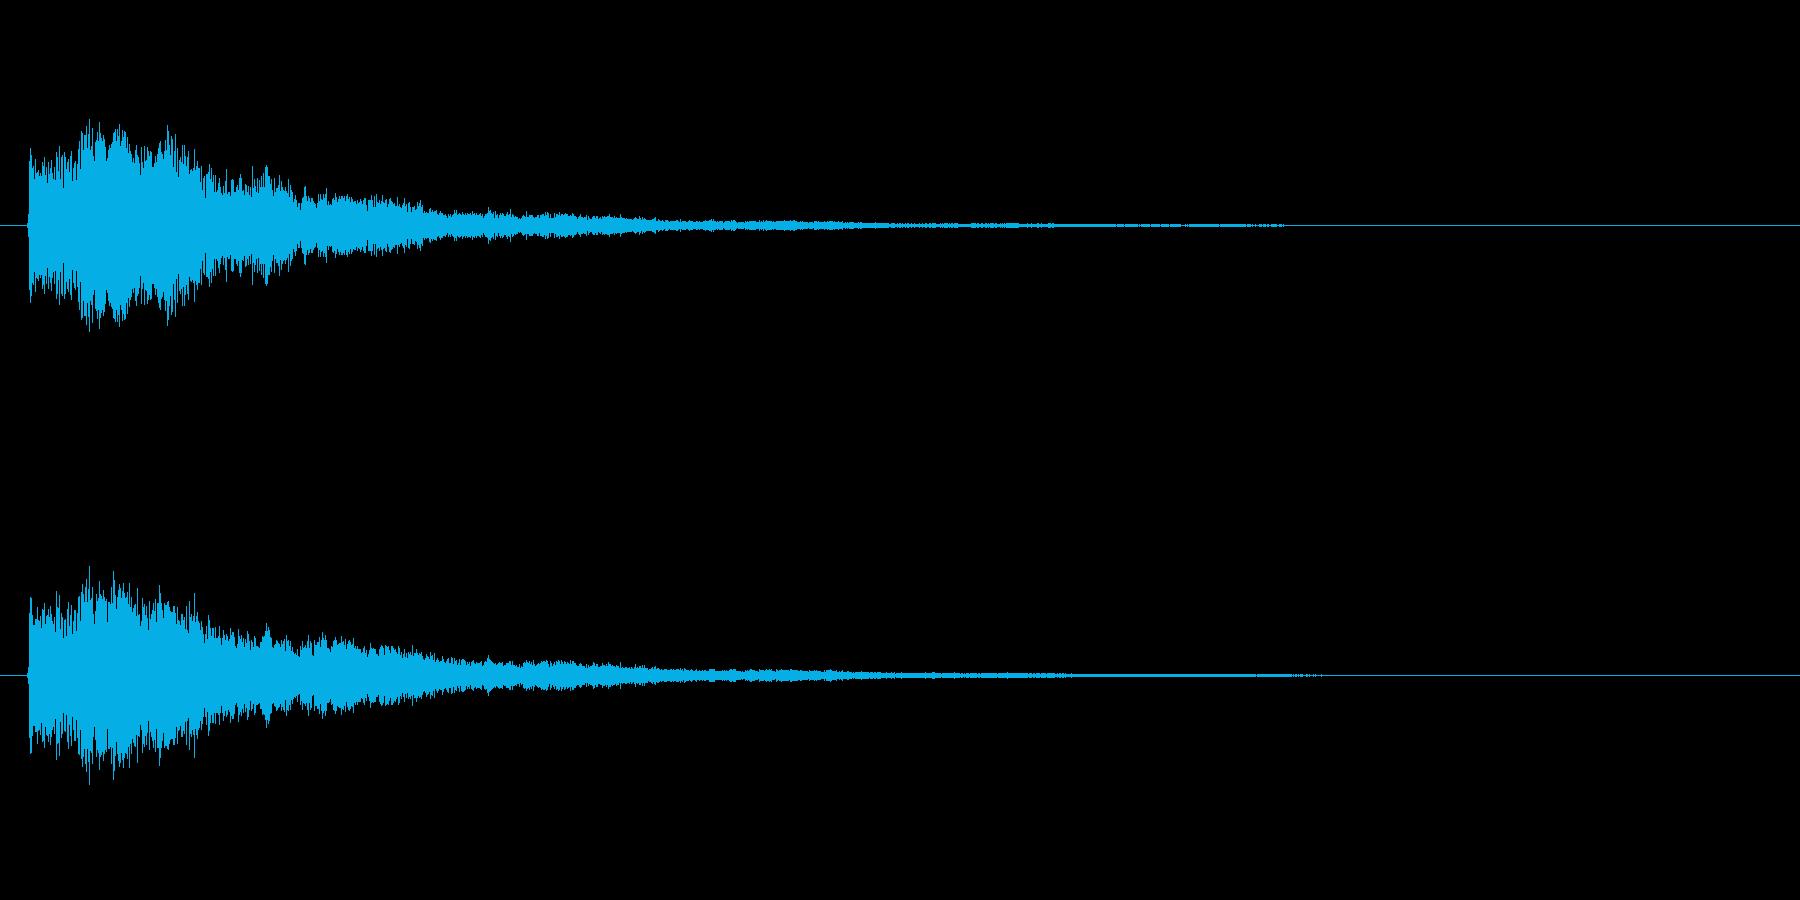 擬音【どわんーどわん】テクノの再生済みの波形